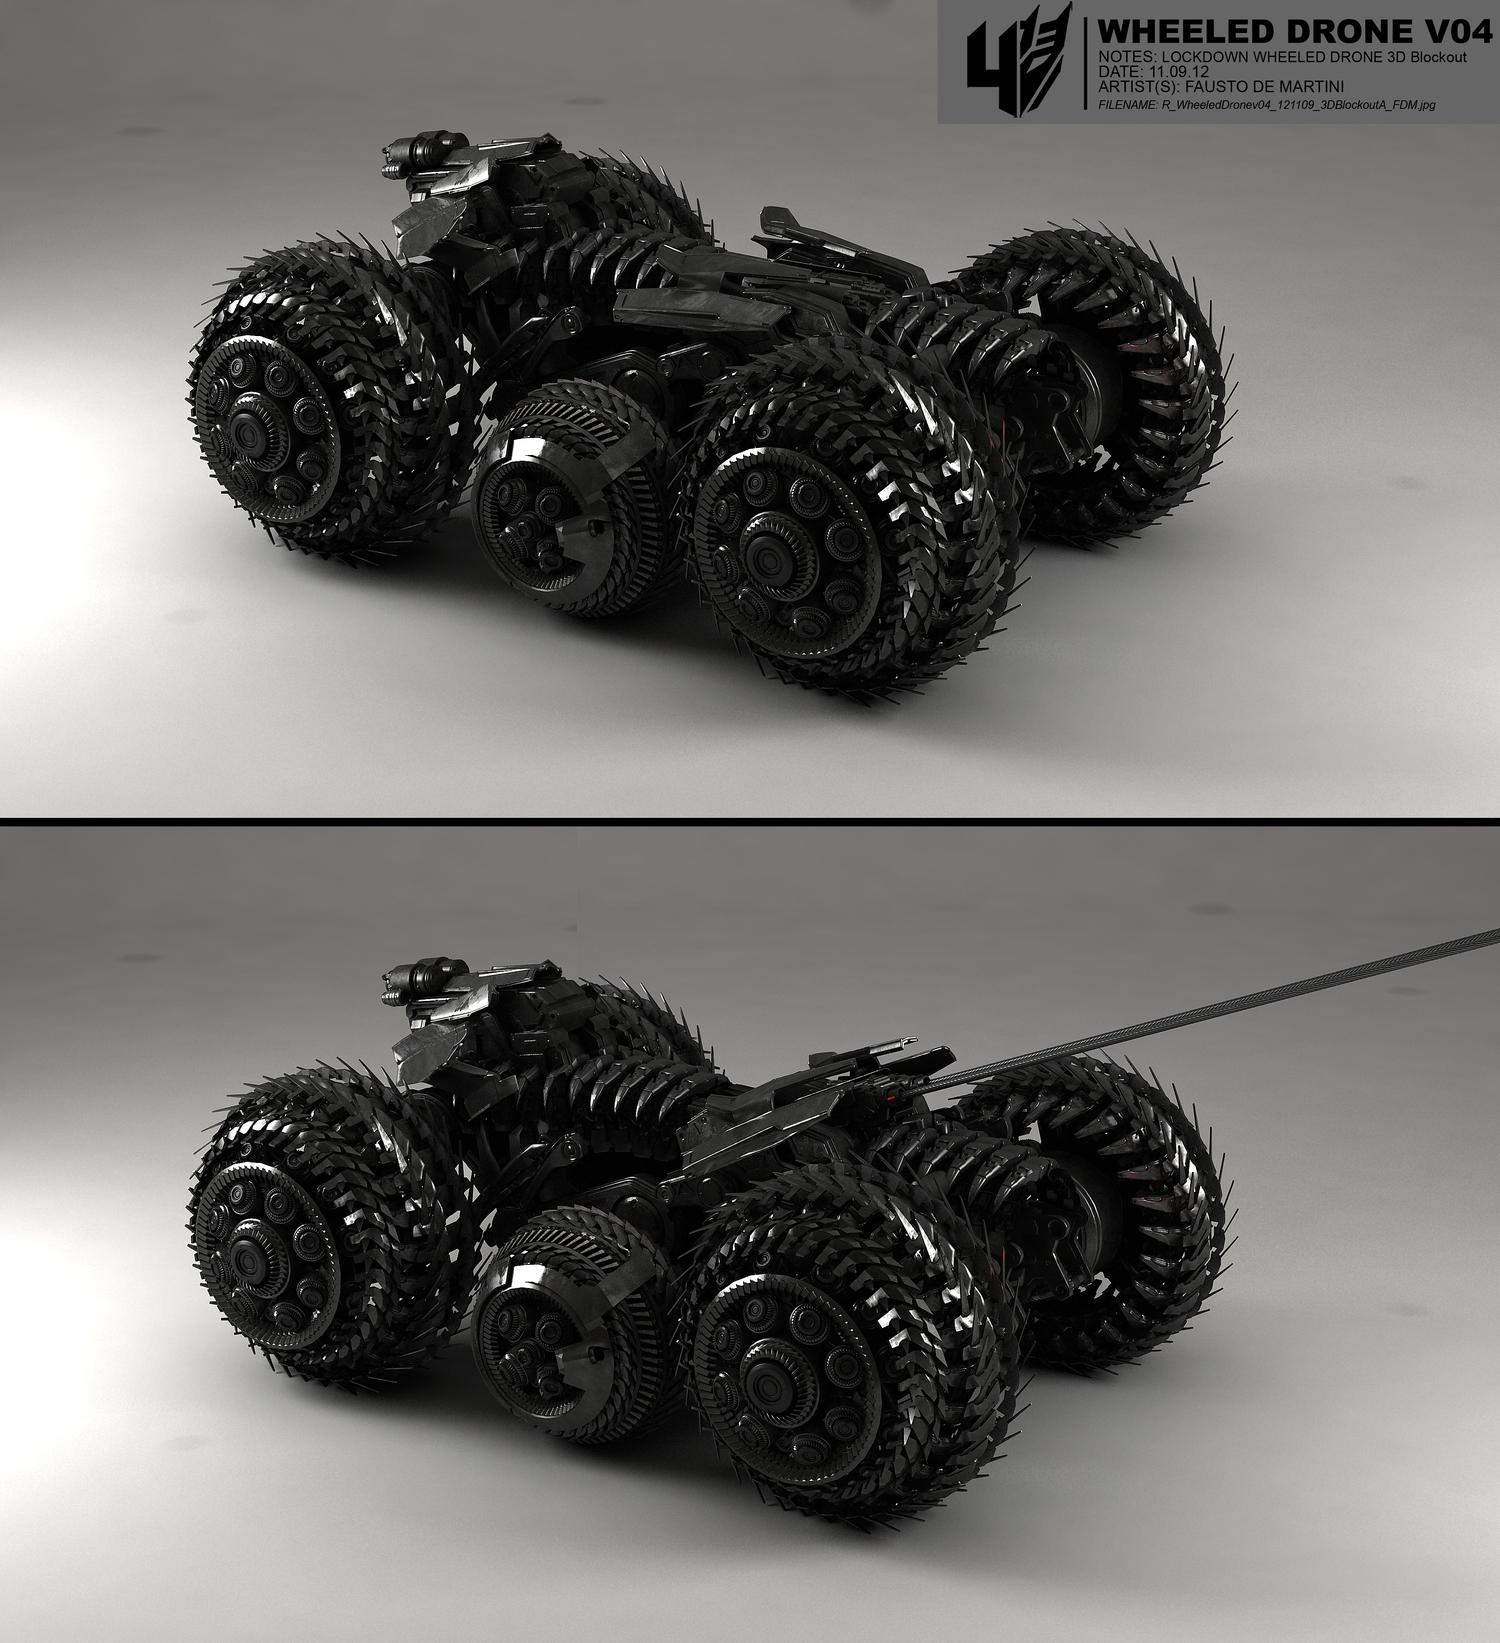 R_WheeledDroneV04_121109_CableRelease_FDM.jpg